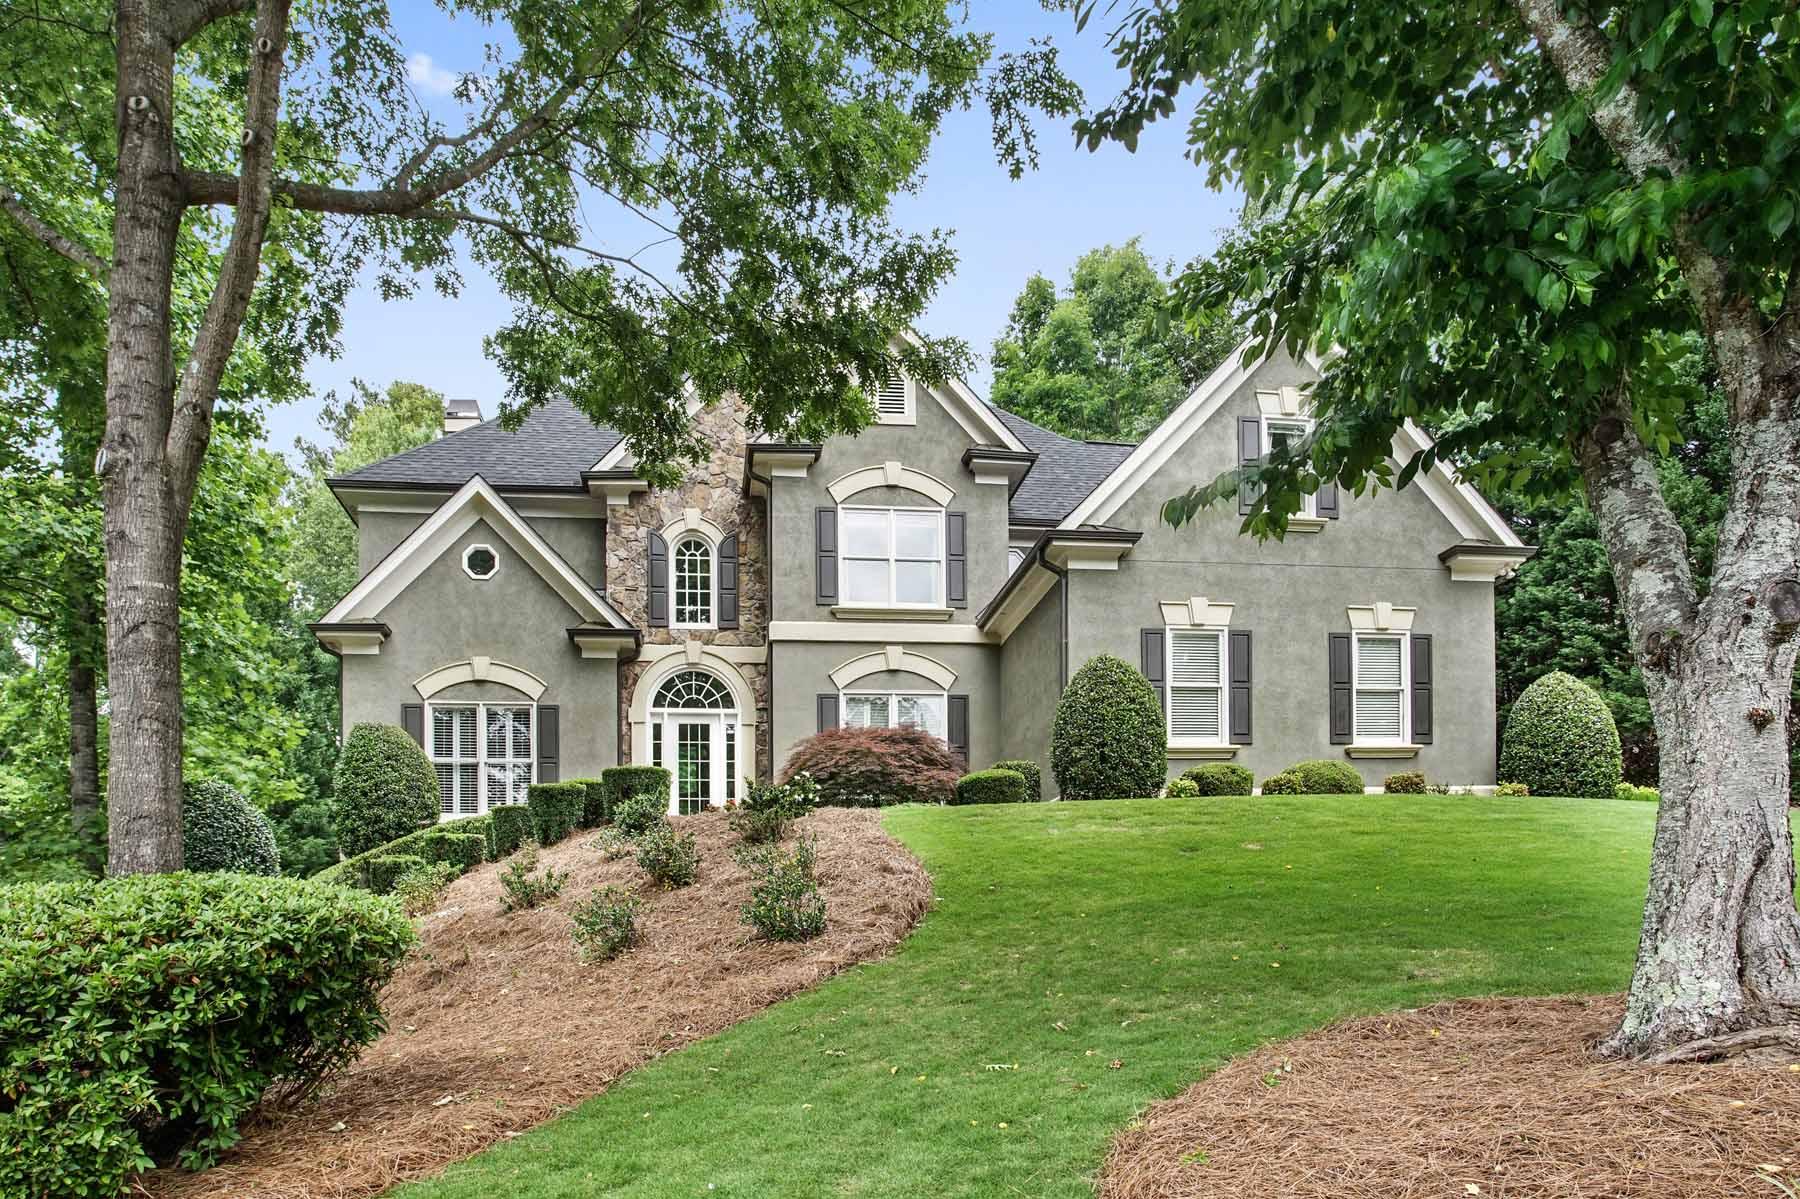 独户住宅 为 销售 在 Five Bedrooms and Five Baths in Johns Creek 915 Magnolia Blossom Court Johns Creek, 乔治亚州, 30005 美国